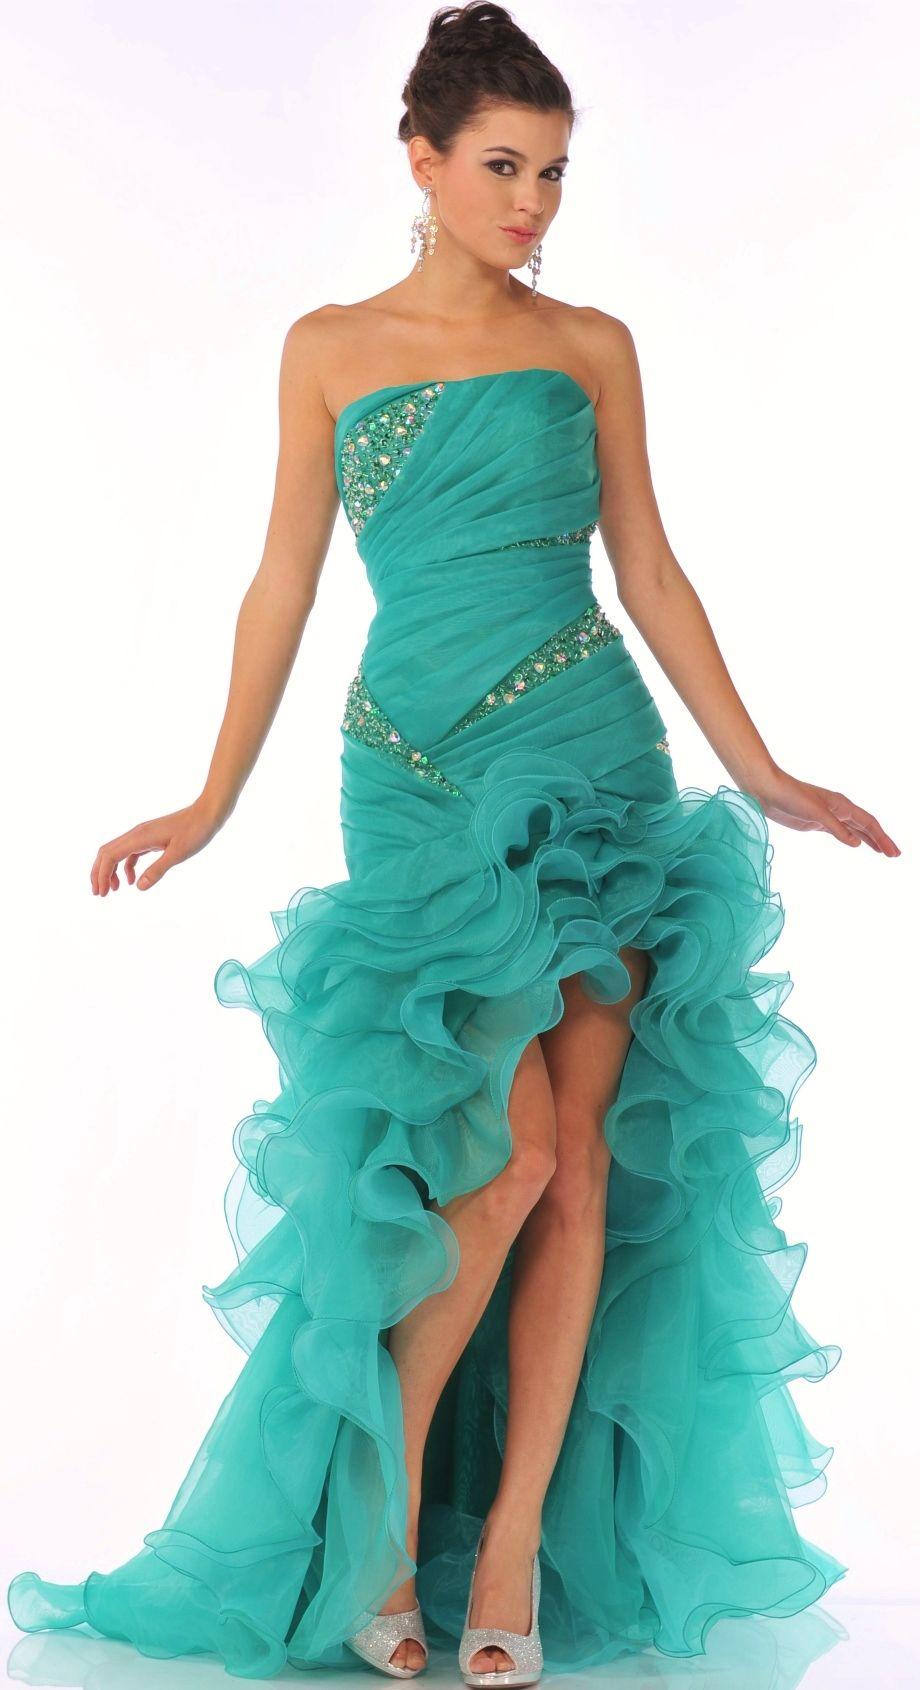 High-Low Prom Dress @ DressDress.net   Wedding Dress   Pinterest ...